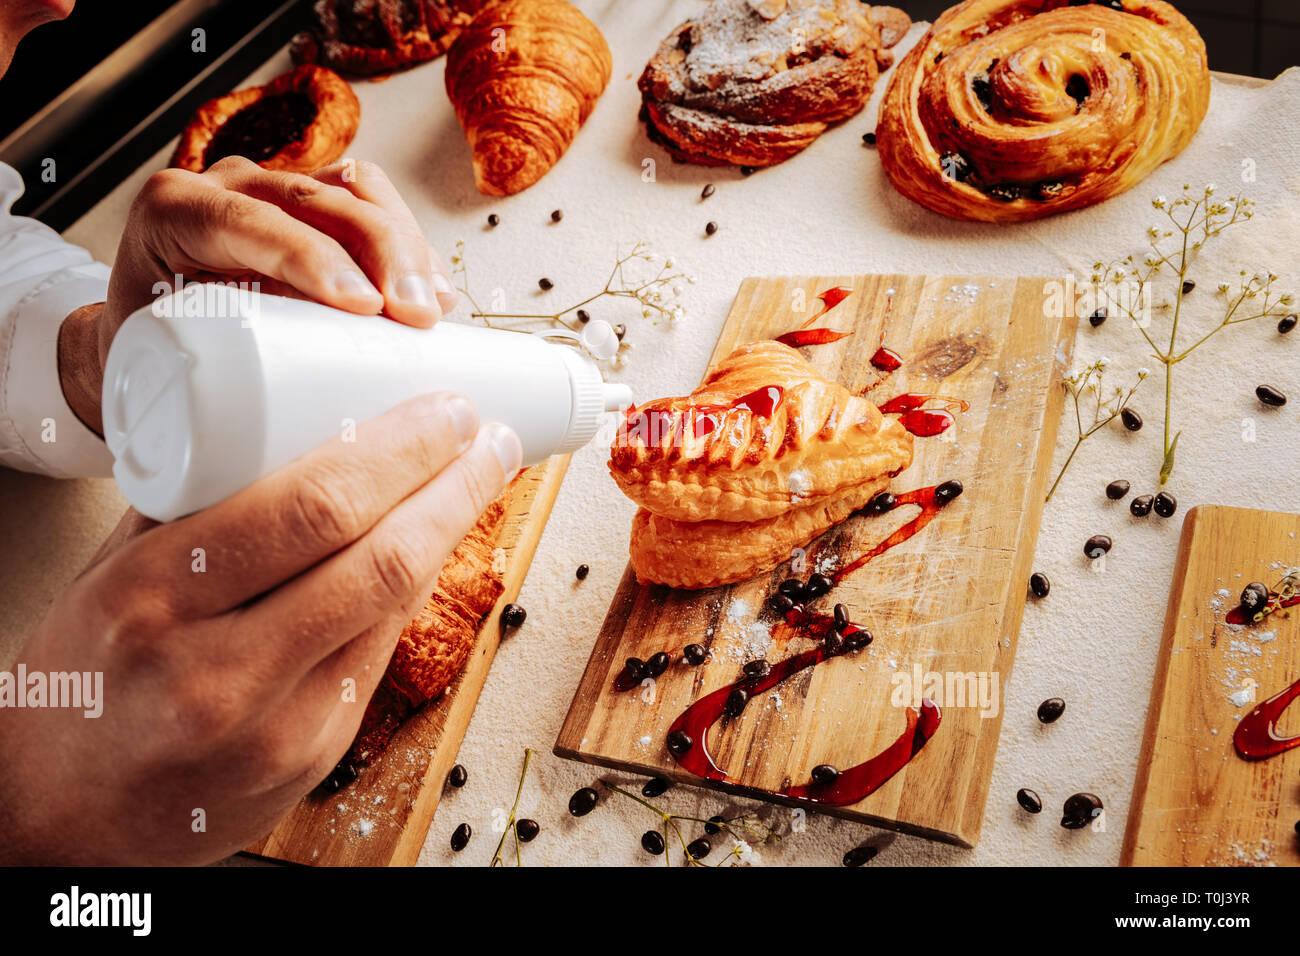 Baker topping schön Softeis mit Topping Erdbeer Stockbild